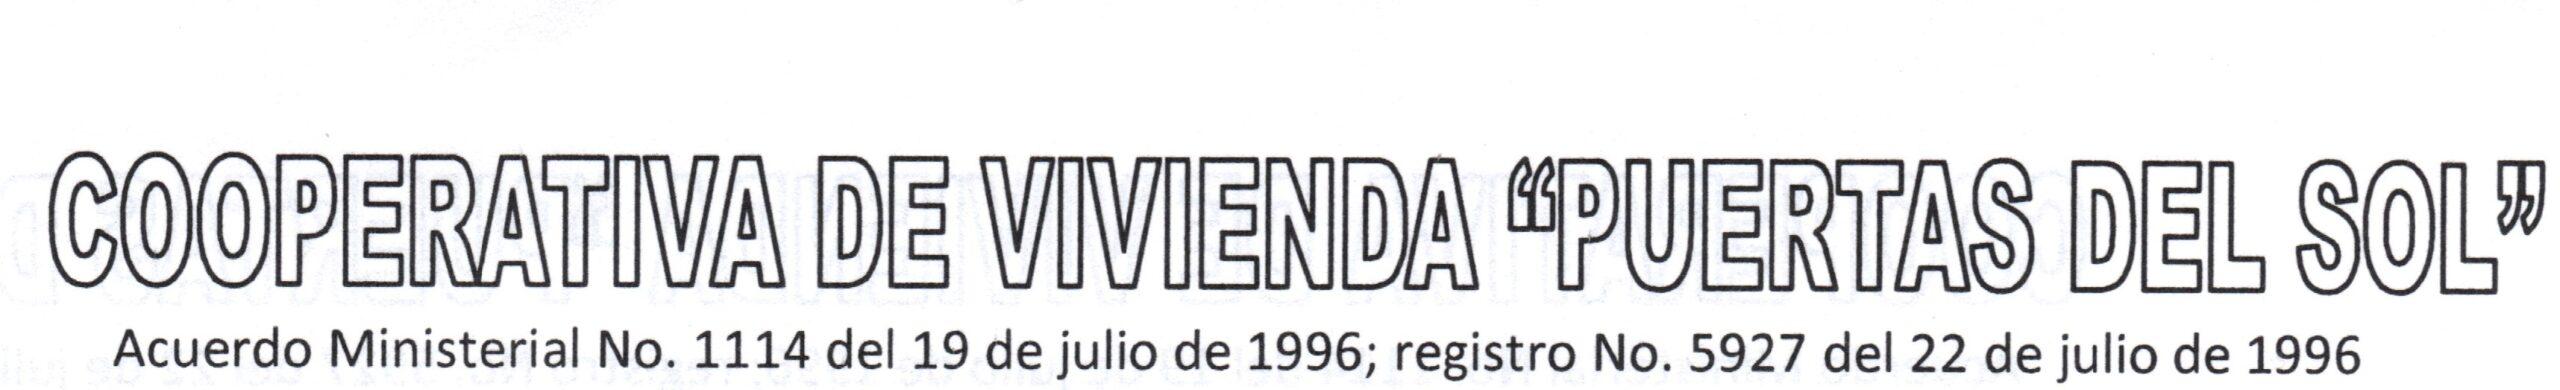 3 - COOPERATIVA DE VIVIENDA PUERTAS DEL SOL